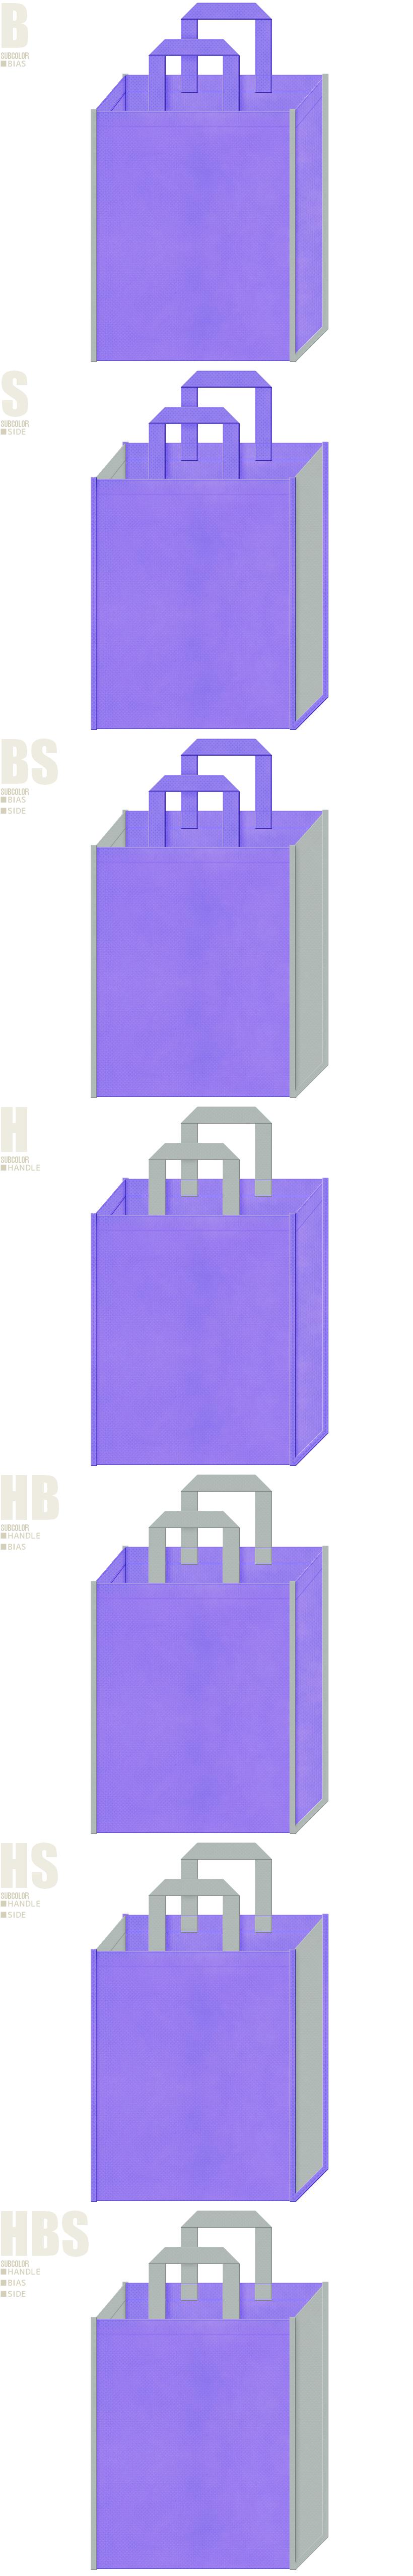 明るめの紫色とグレー色、7パターンの不織布トートバッグ配色デザイン例。